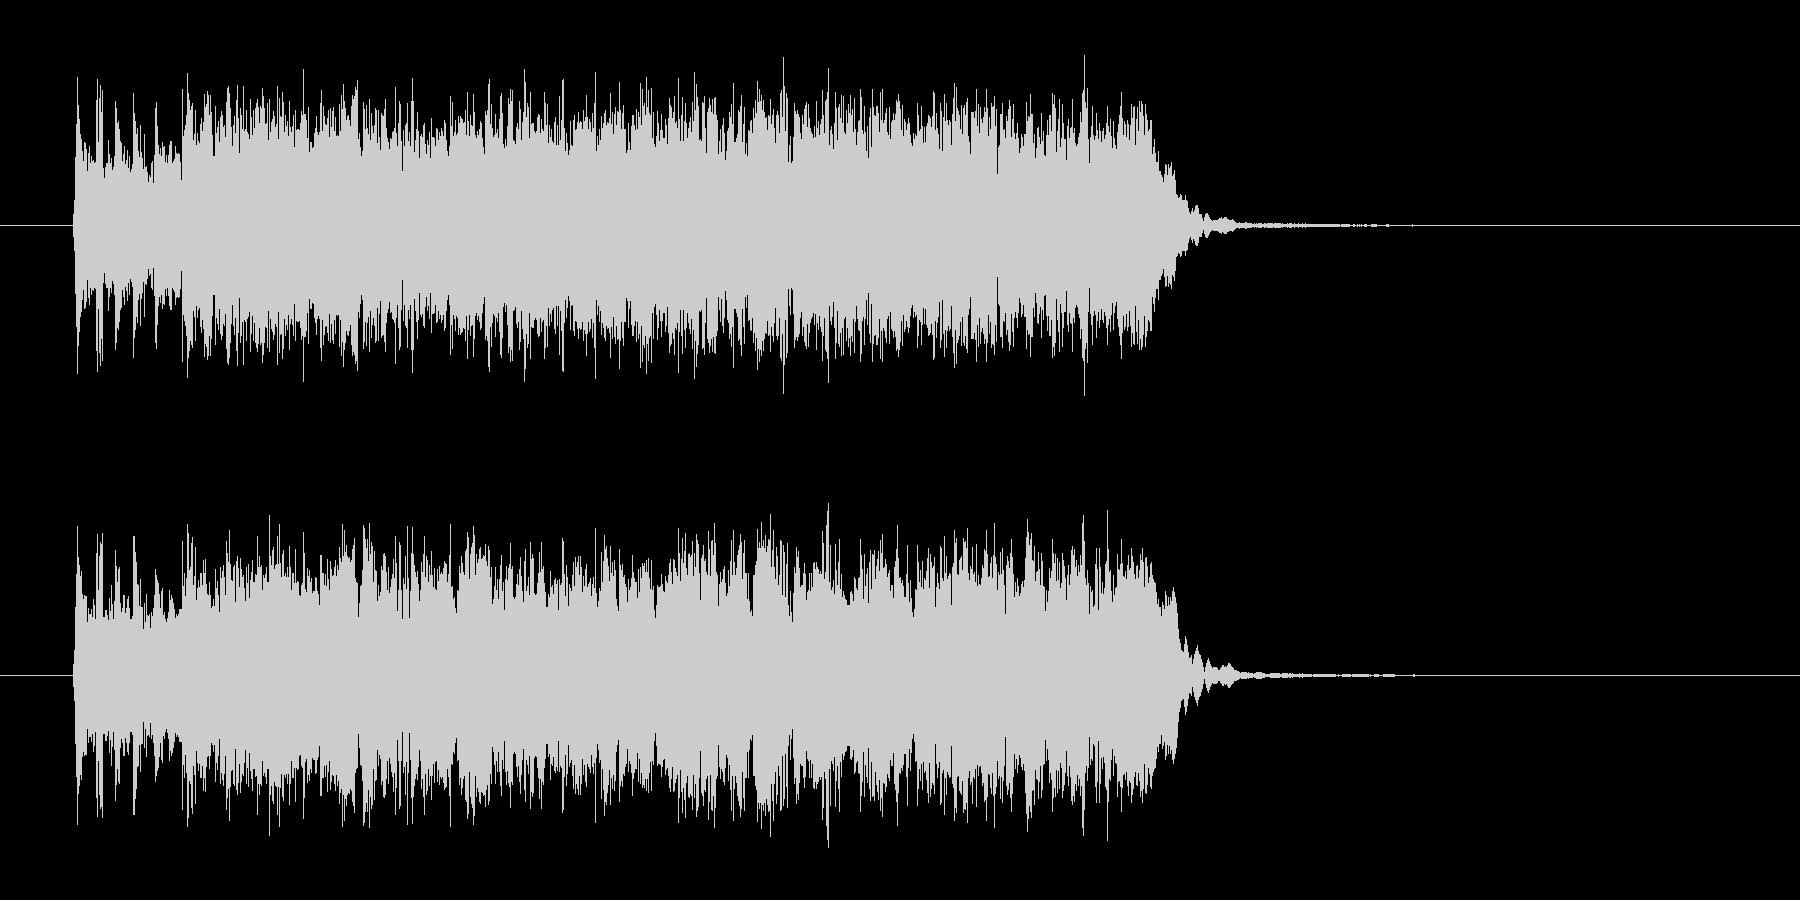 疾走感のあるかっこいい音楽の未再生の波形